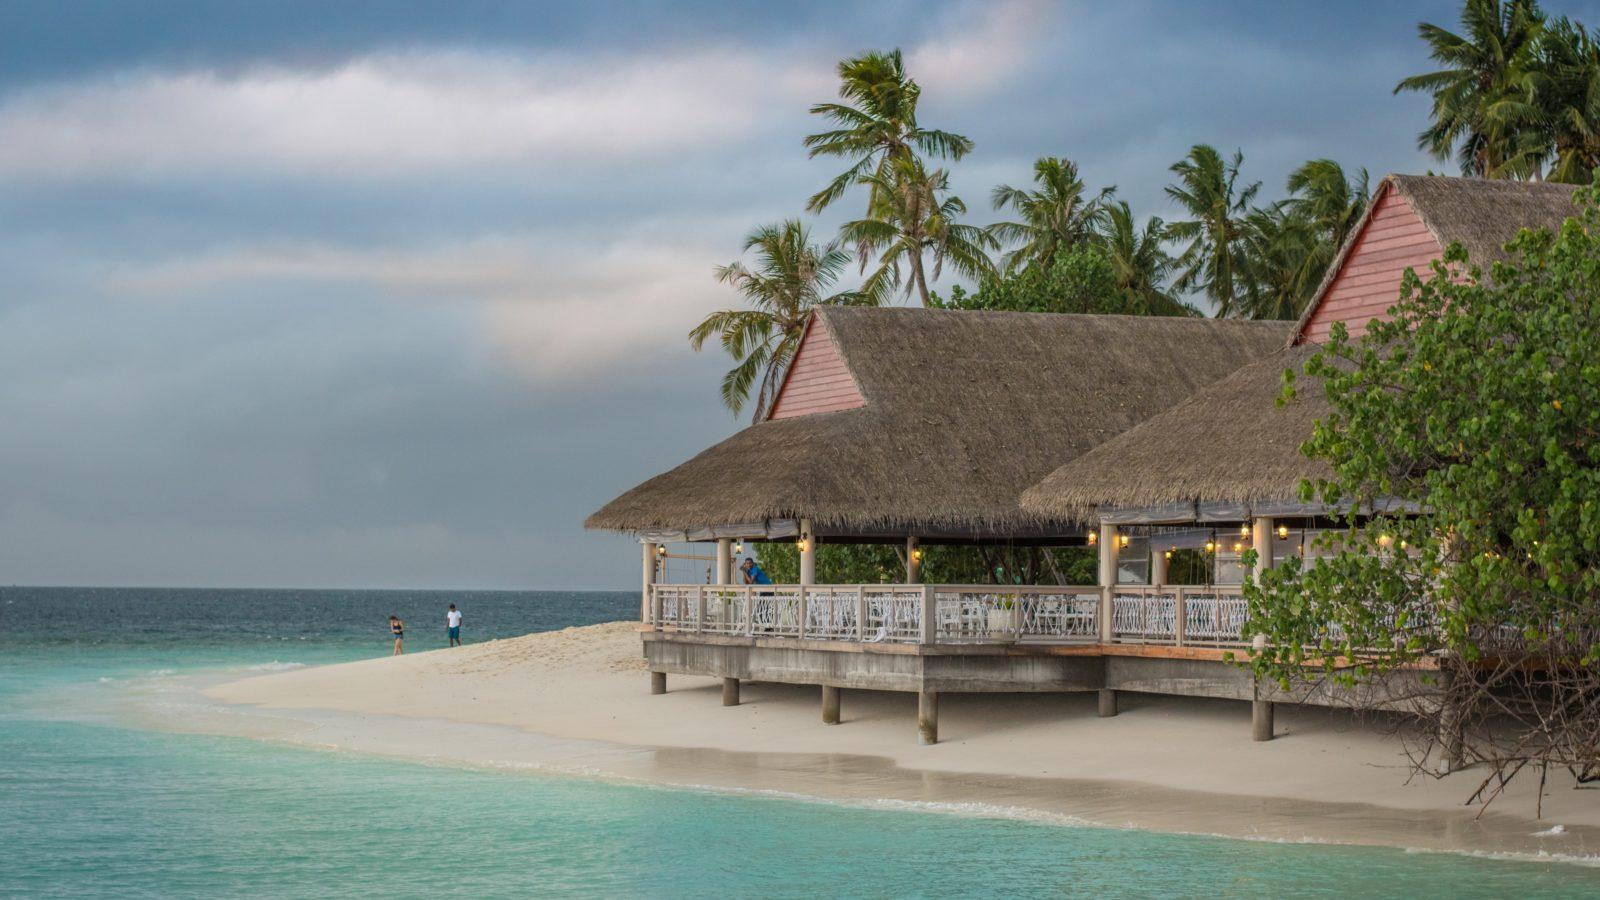 Gorgeous beach house on the ocean